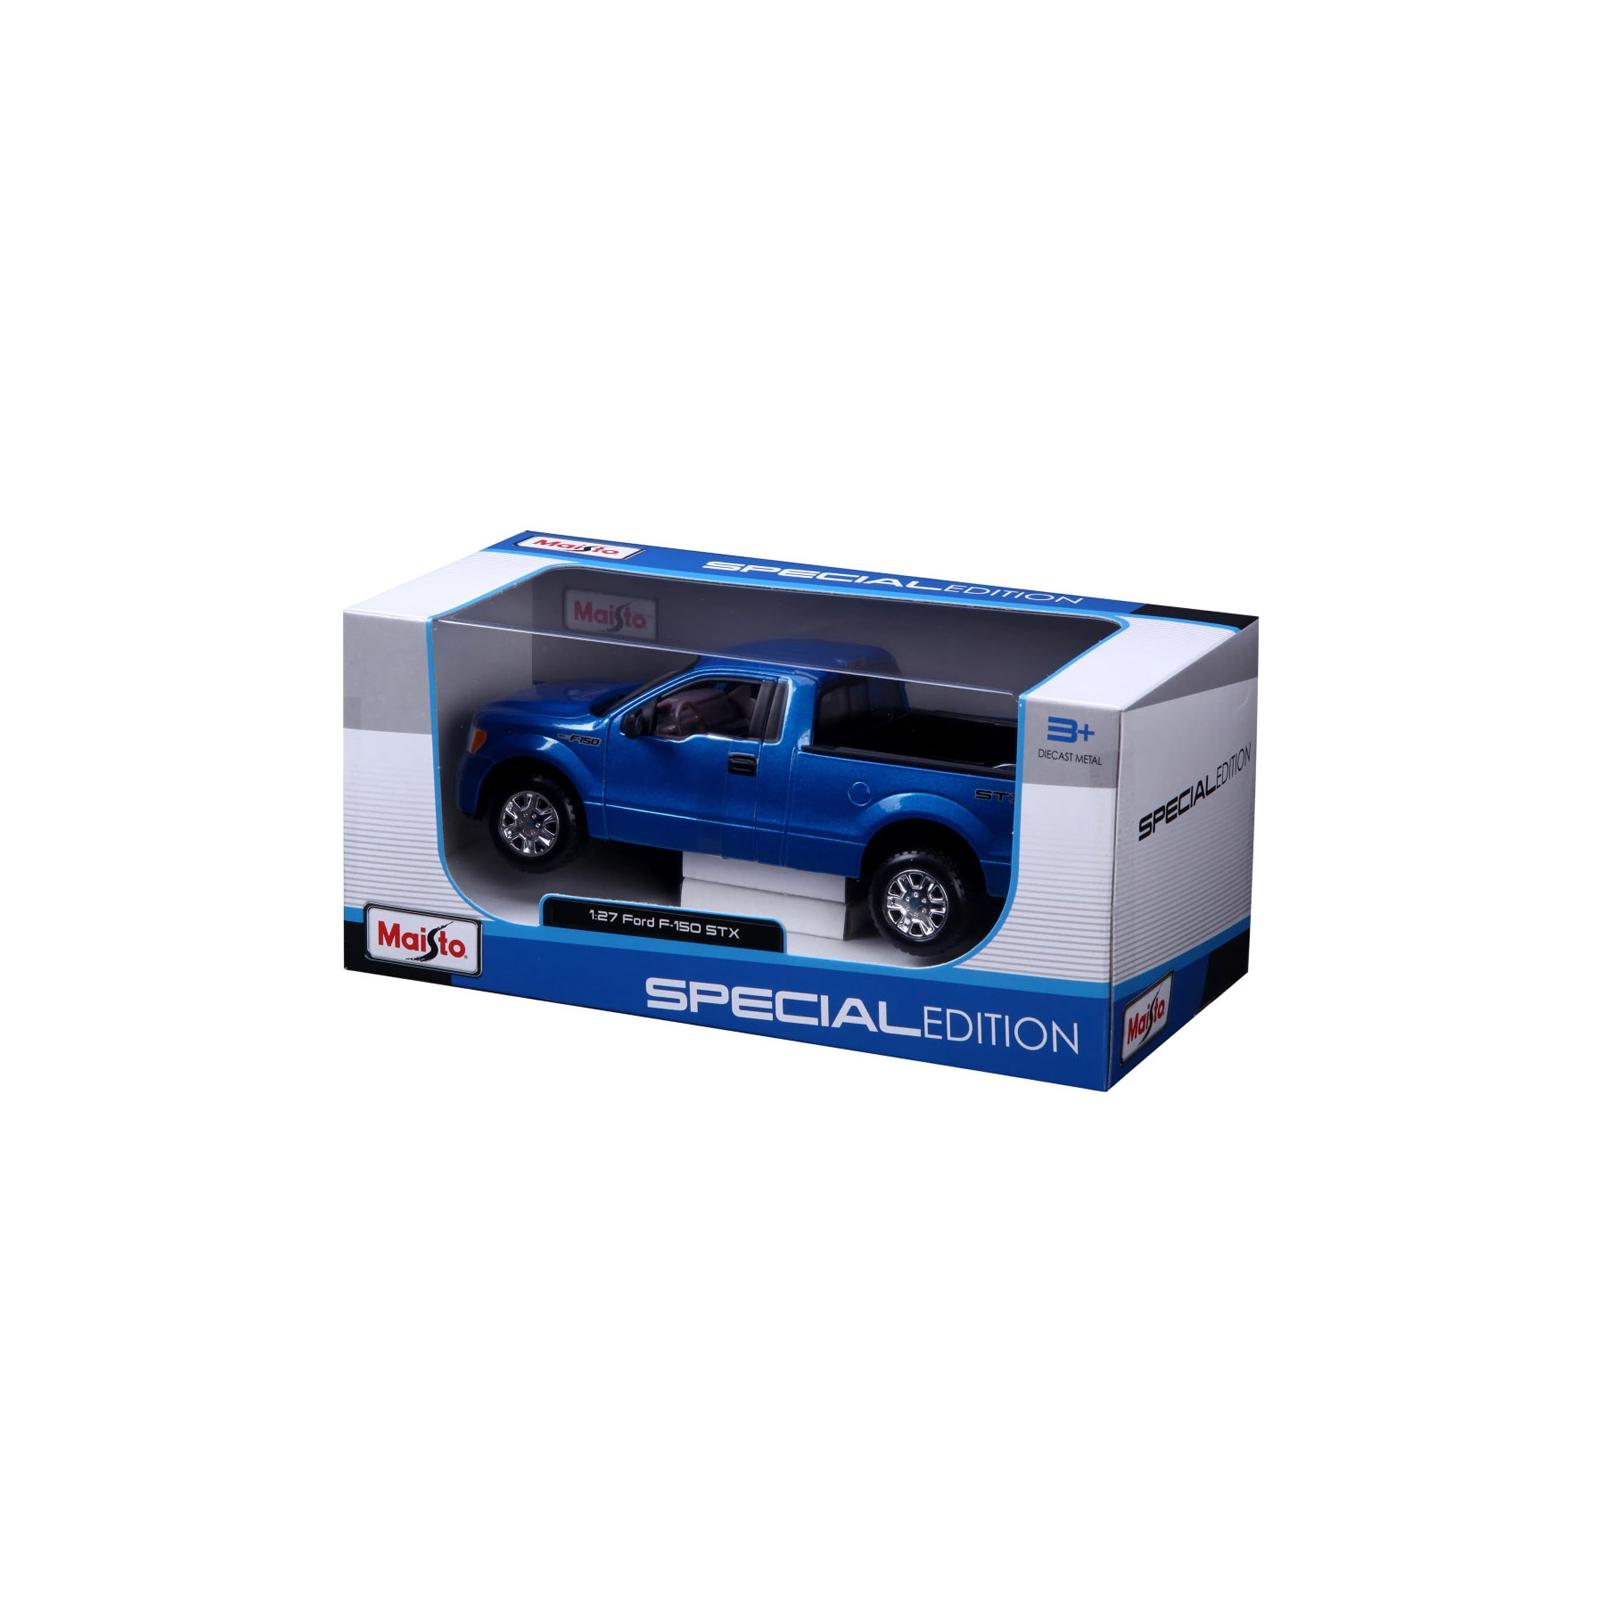 Машина Maisto Ford F-150 STX (1:27) синий металлик (31270 met. blue) изображение 4